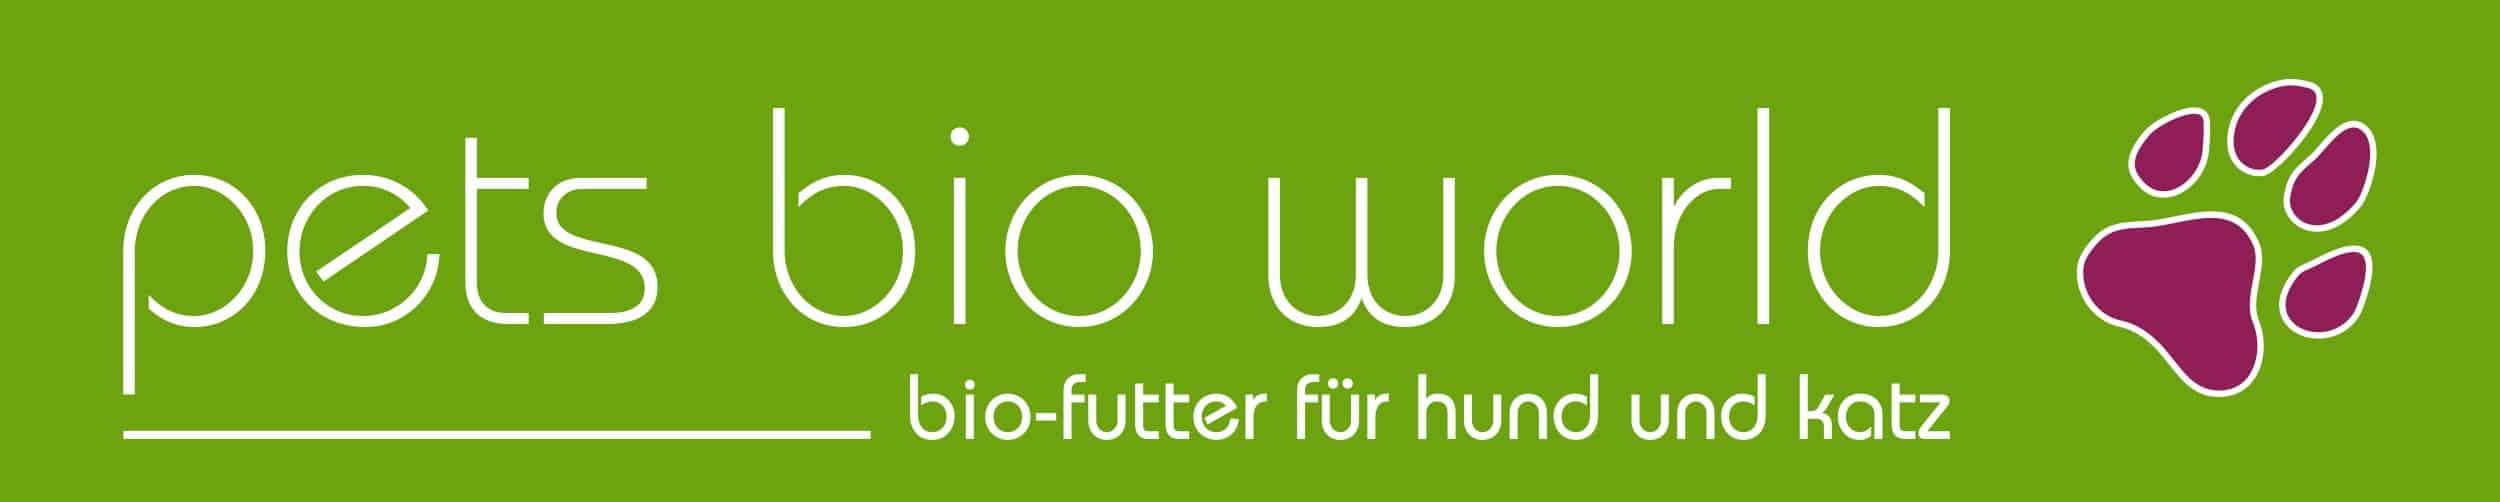 Pets-Bio-World-Logo-NEU-rechteckig-2500 (002)